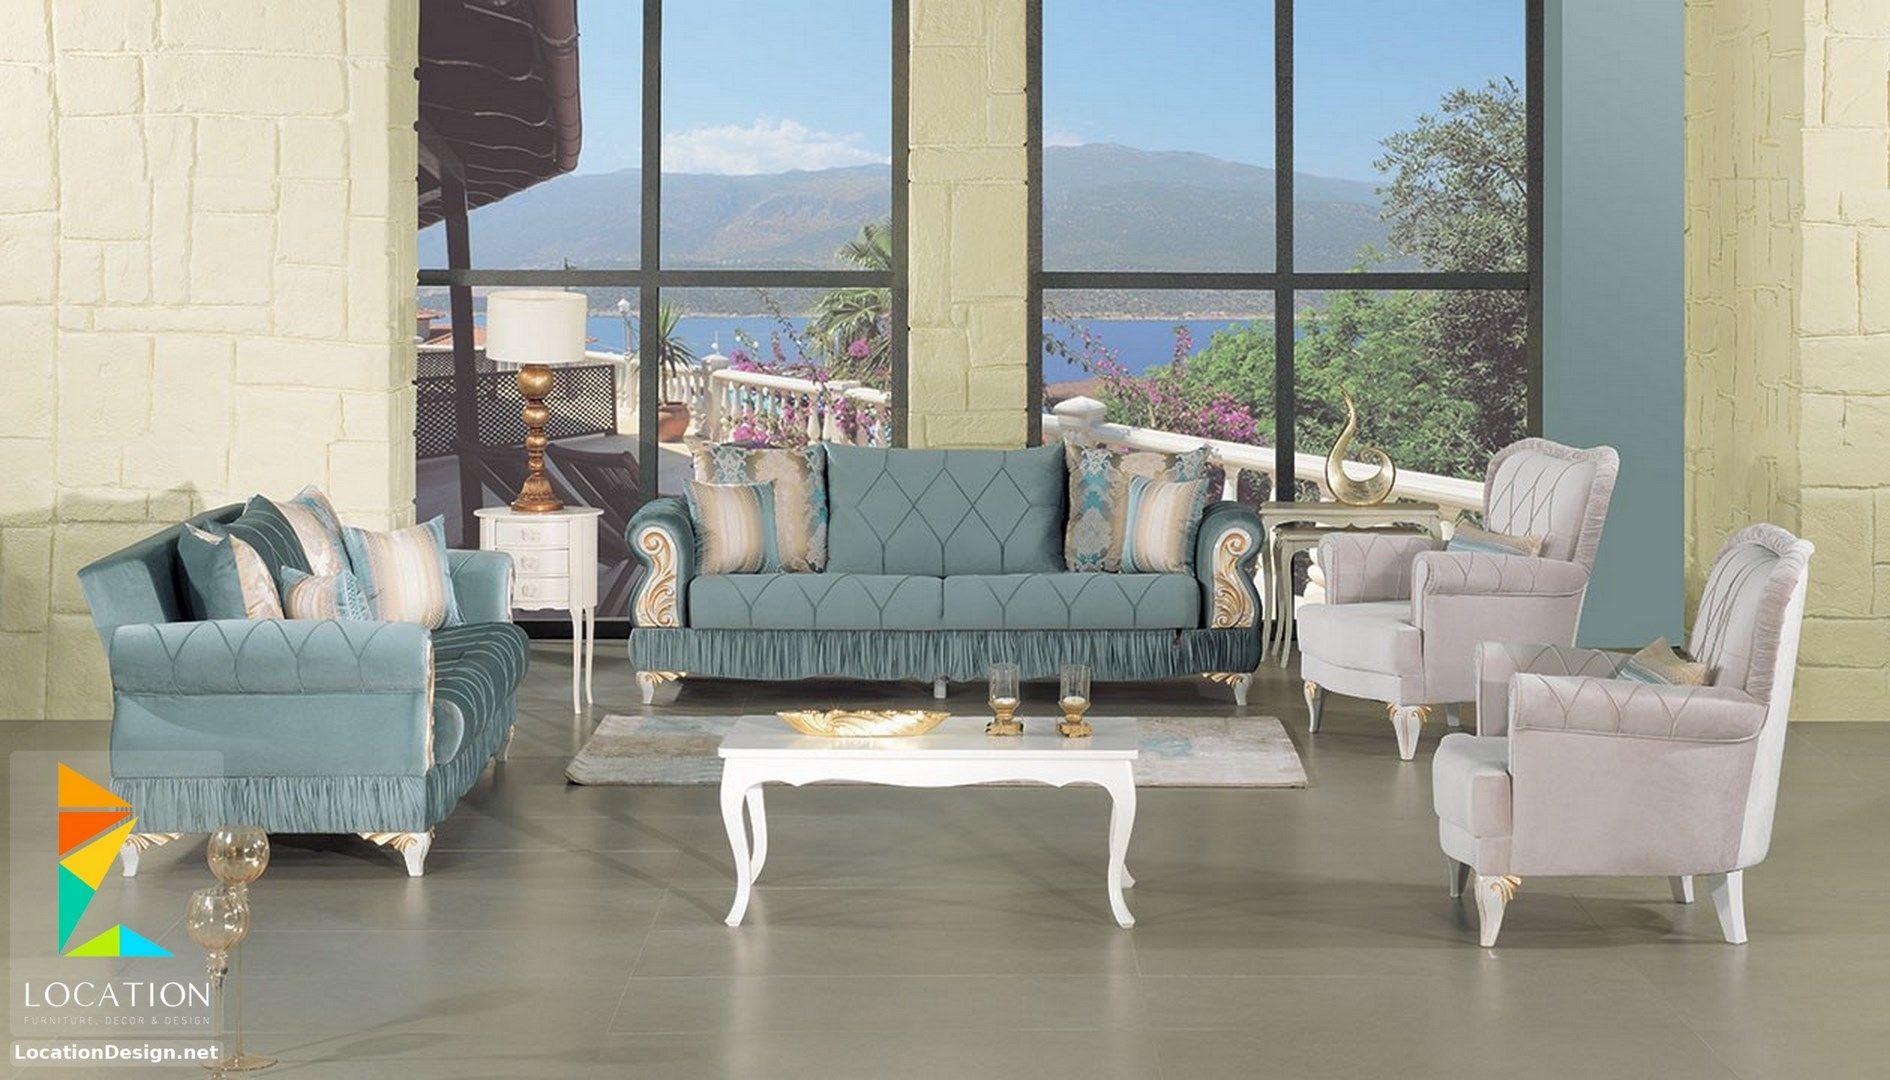 كتالوج صور انتريهات إيكيا Ikea الجديد 2019 Sofa Design Wood Sofa Design Sofa Furniture